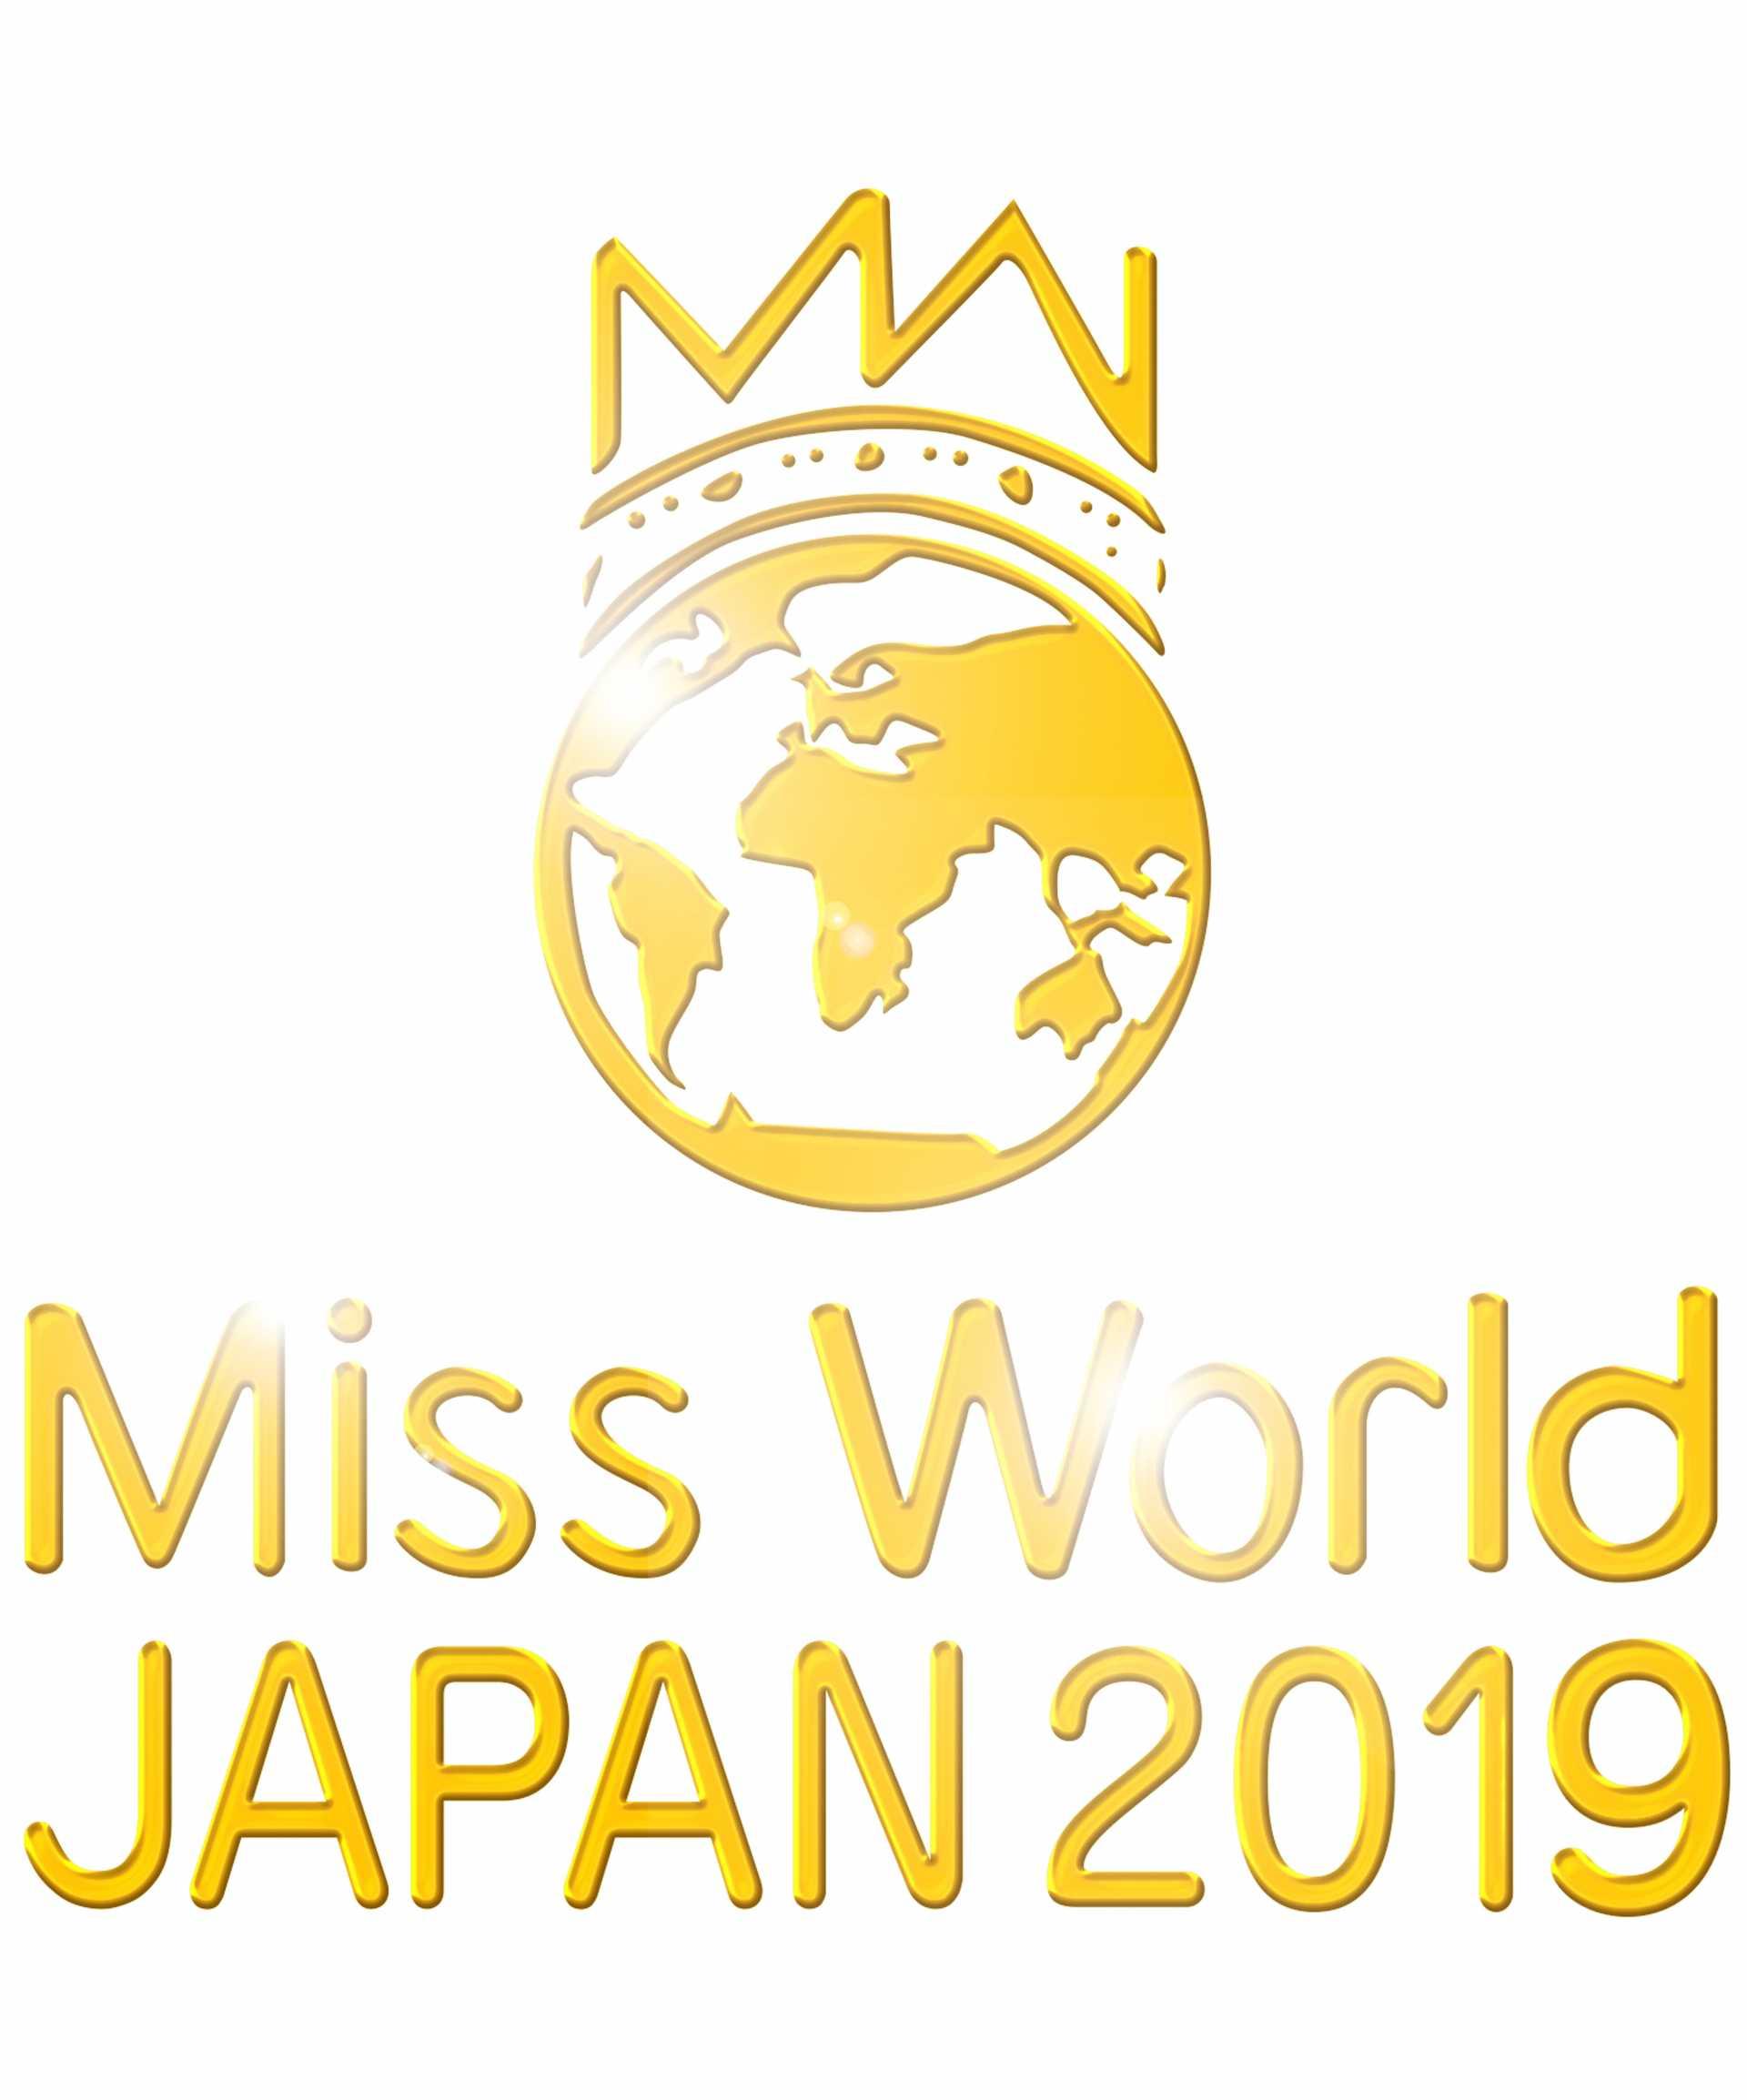 「ミス・ワールド・ジャパン2019」日本代表決定!